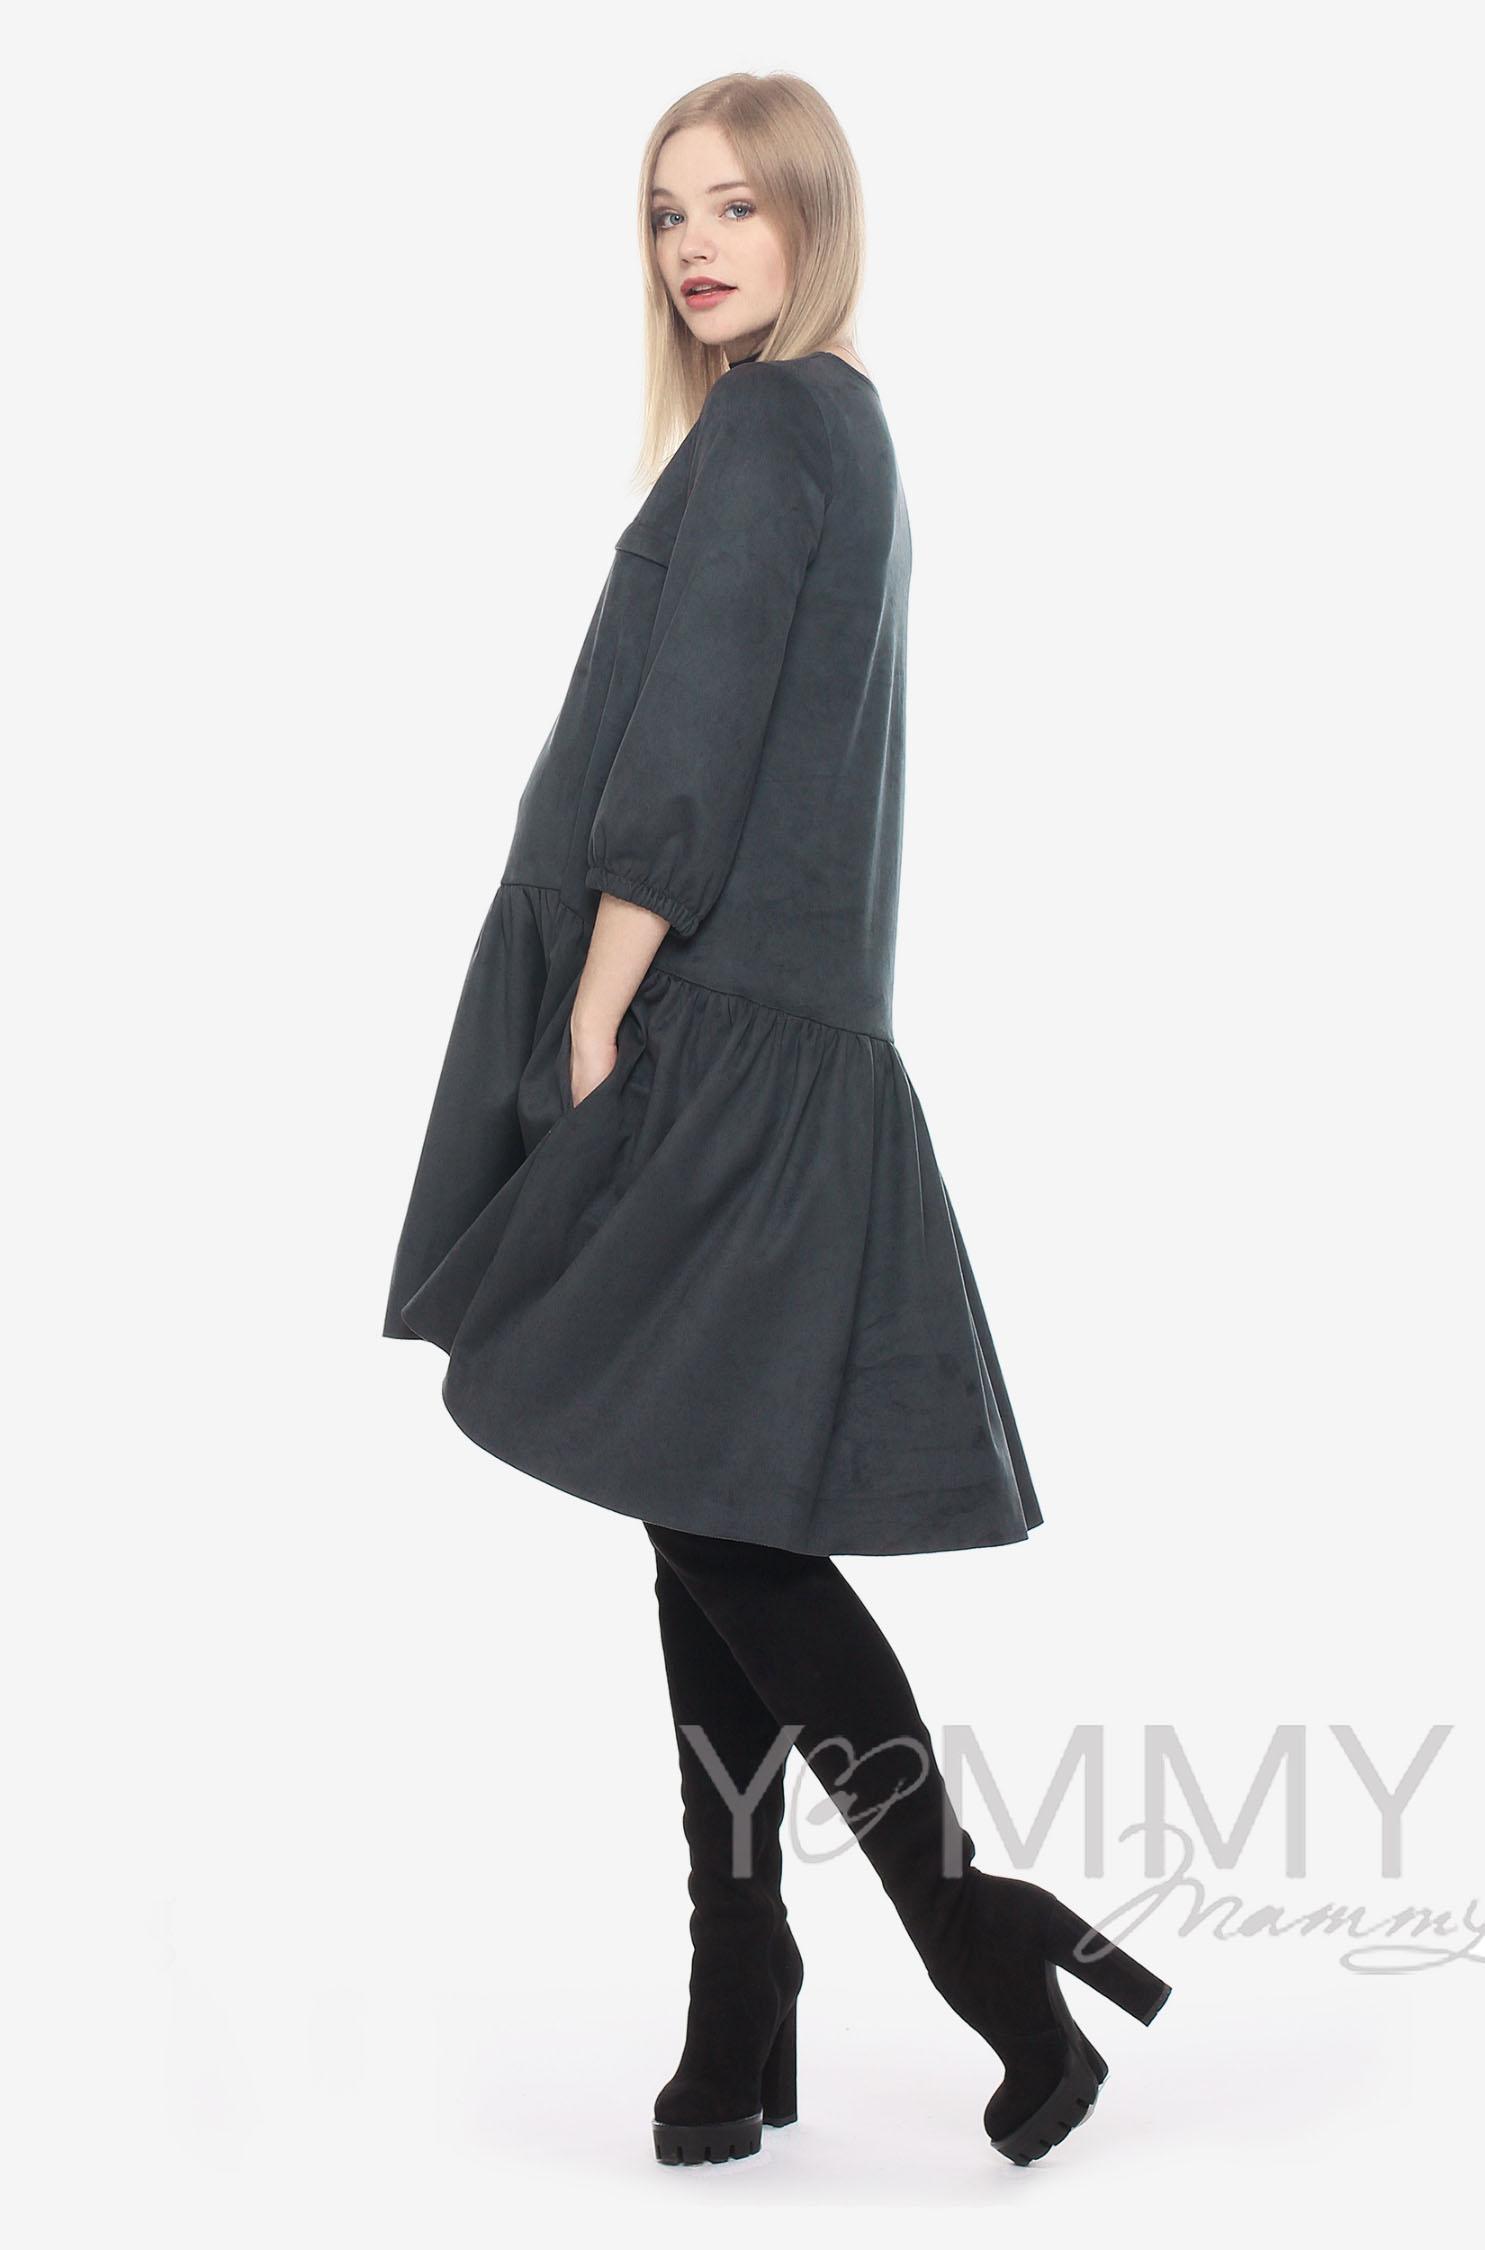 Замшевое платье для беременных и кормящих с воланом, графит